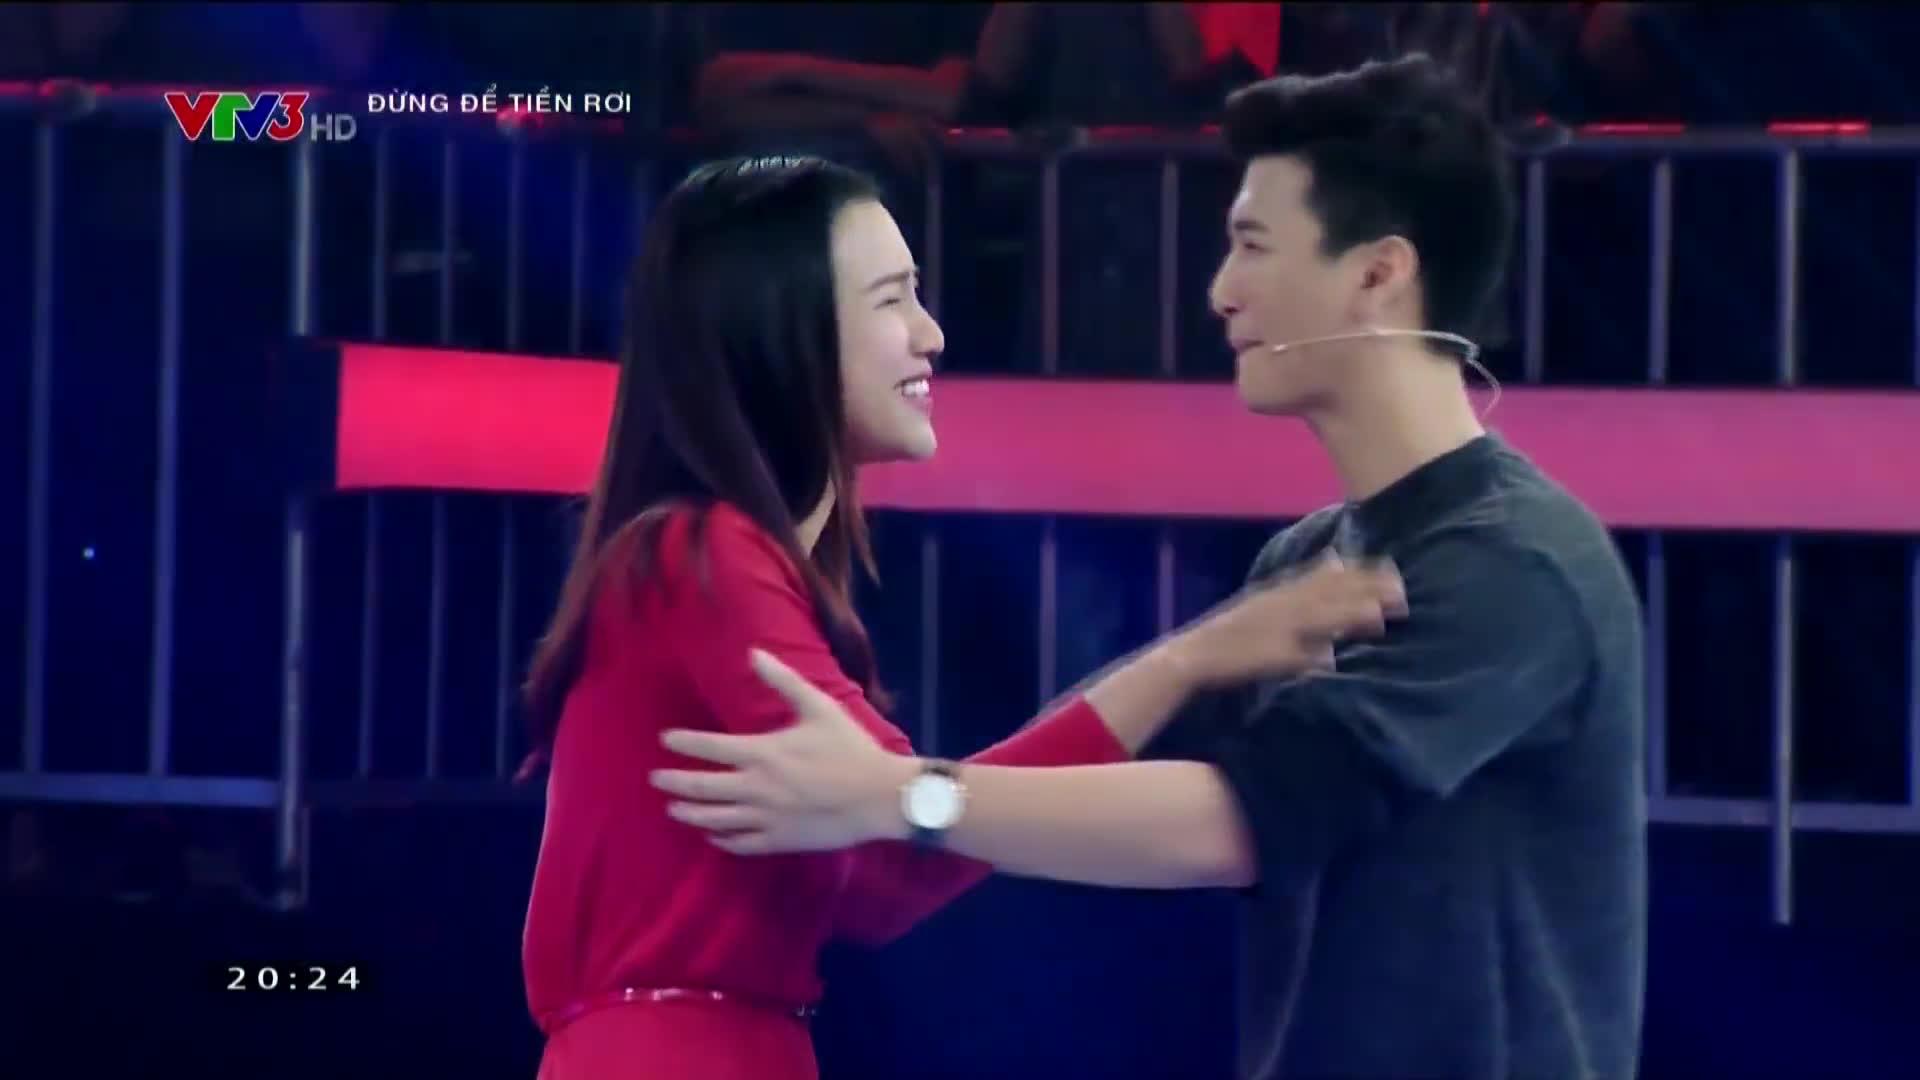 Tiếc nuối nhìn lại loạt khoảnh khắc như cổ tích của Huỳnh Anh  Hoàng Oanh tại các gameshow truyền hình